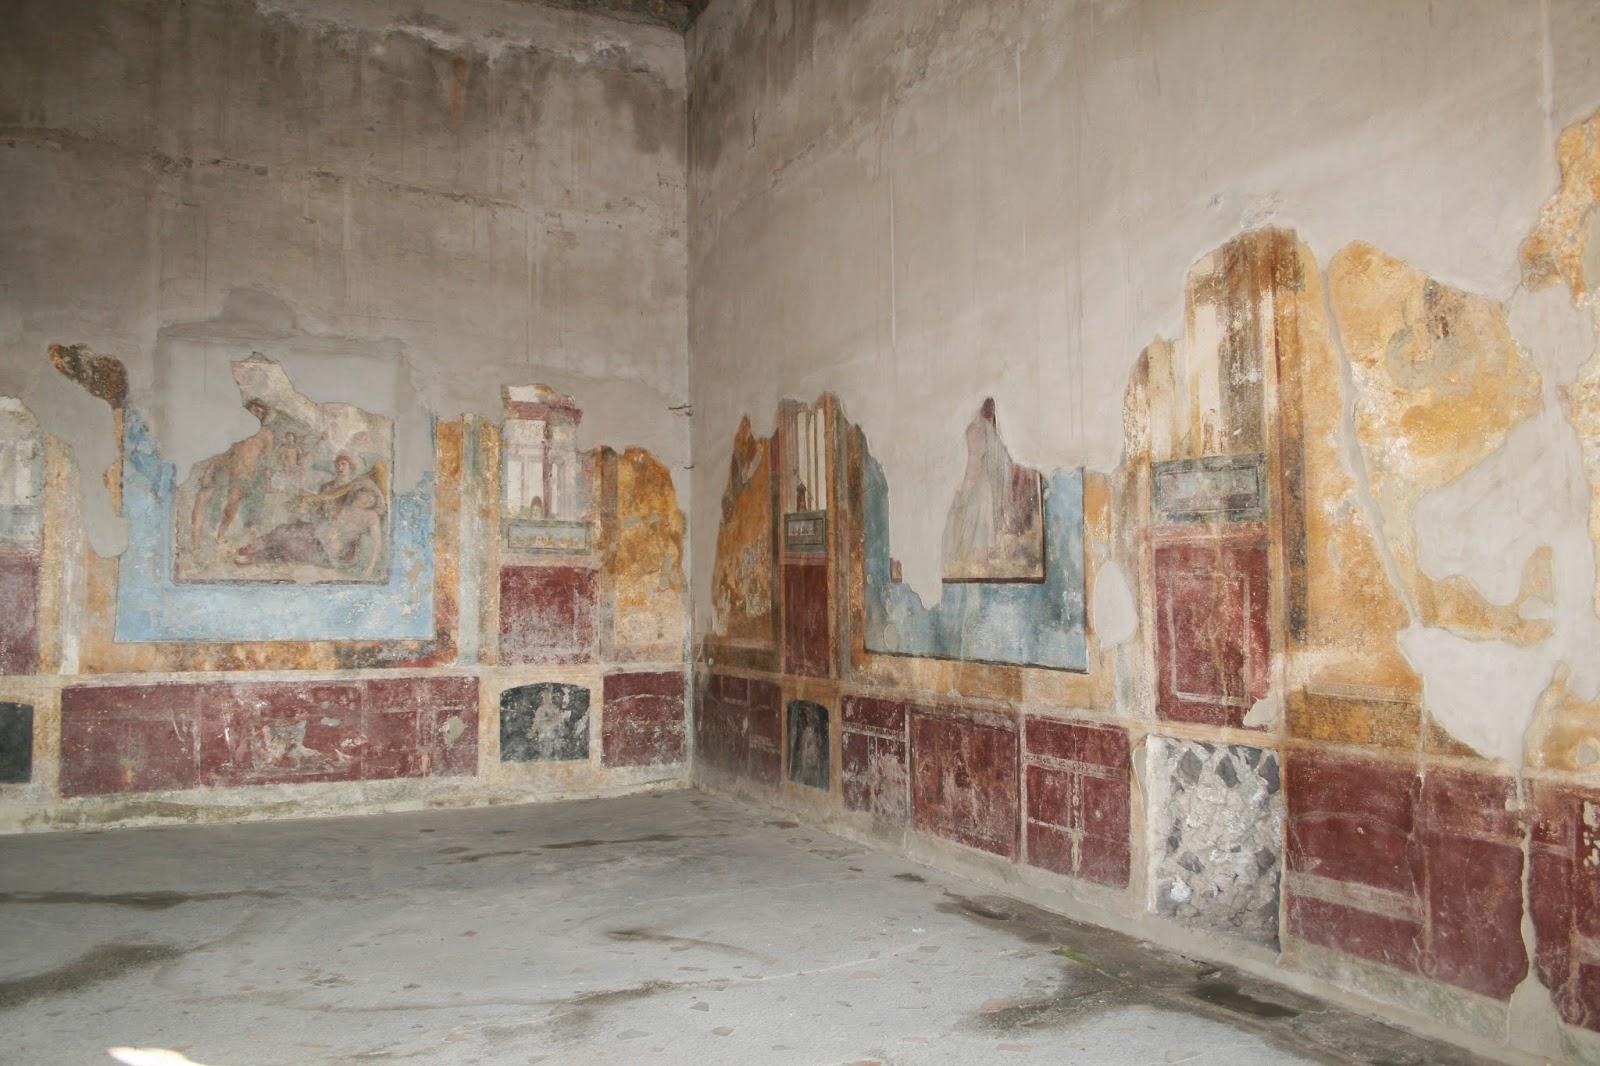 DOMVS ROMANA Triclinium espacio para comer y disfrutar